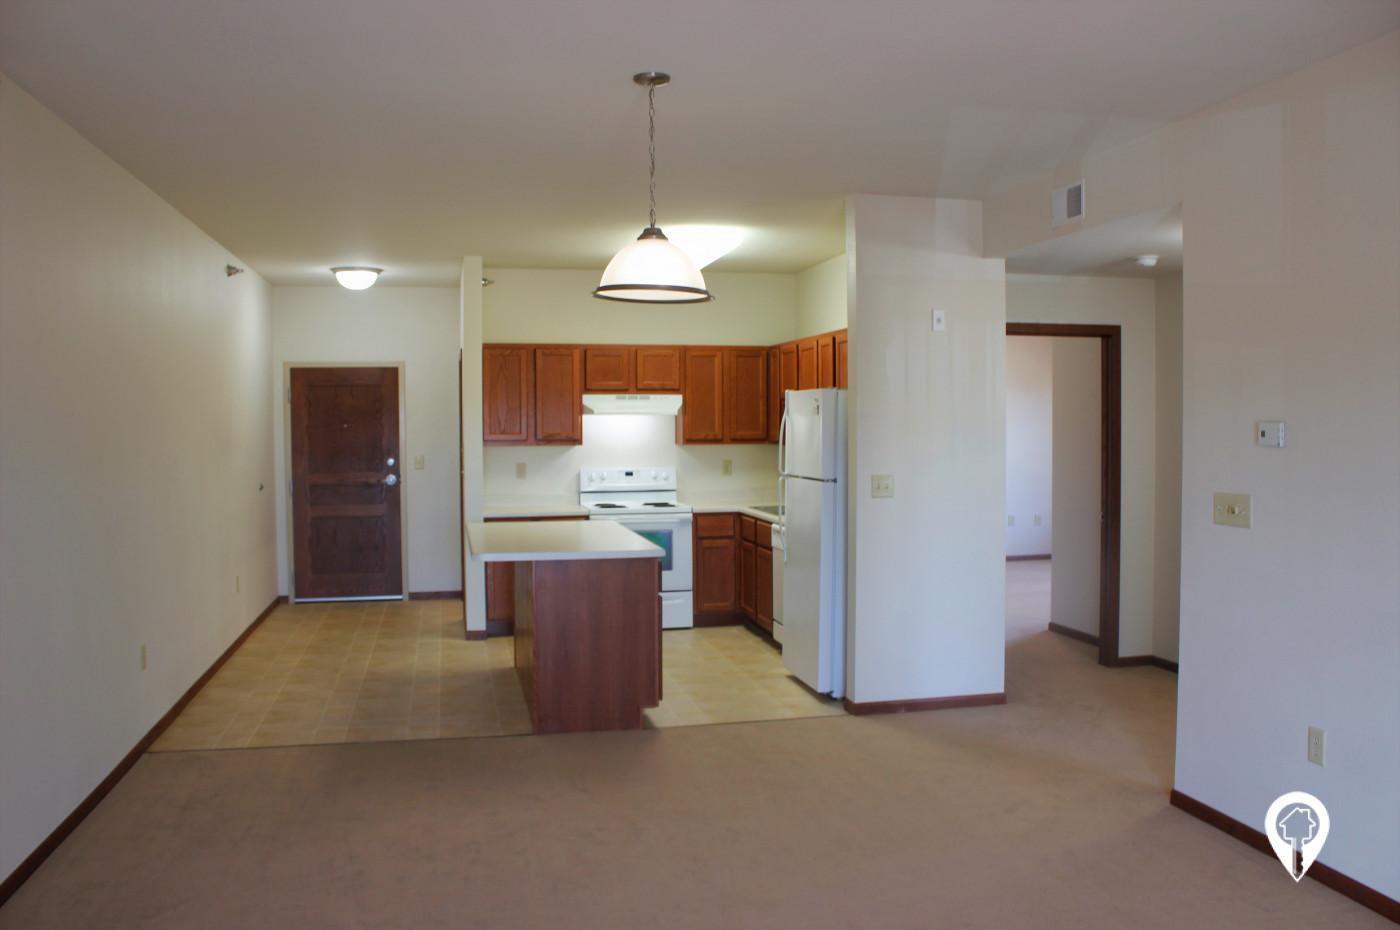 Southland Court Apartments VI